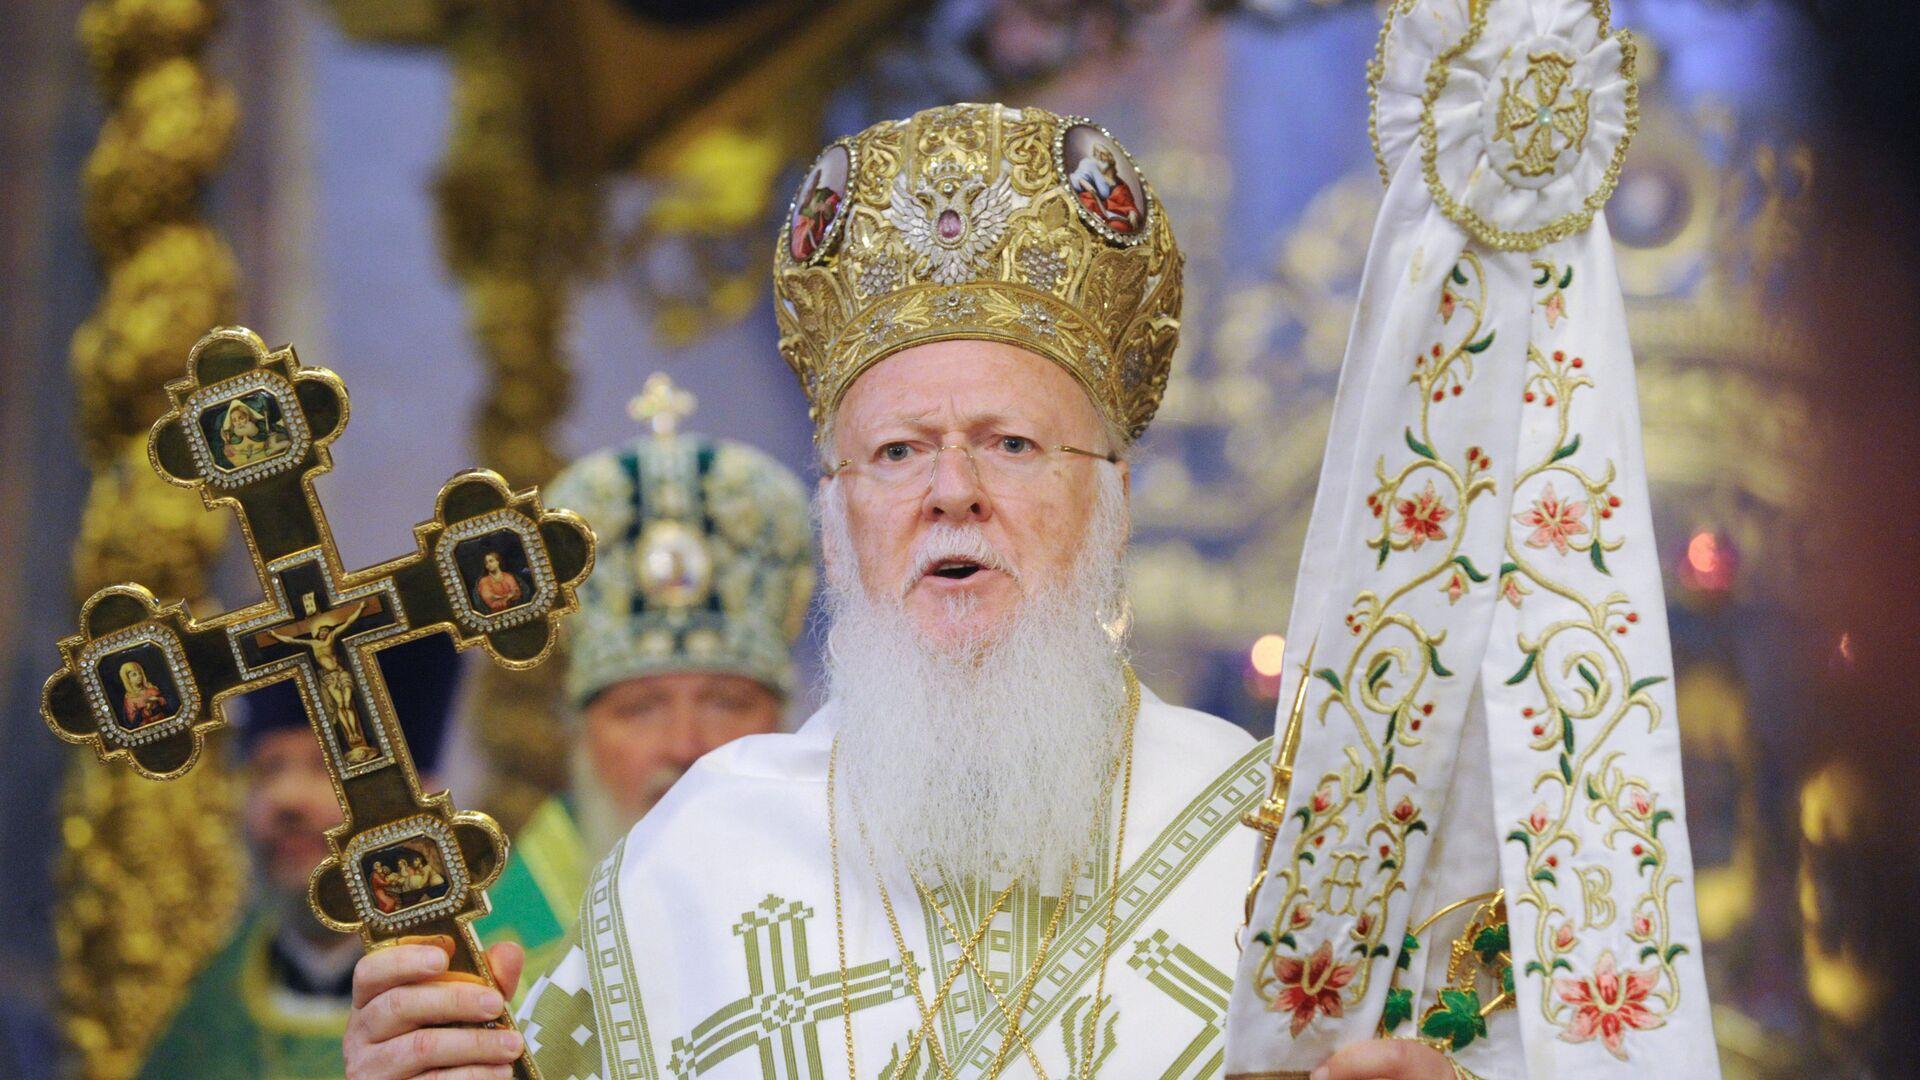 Bartolomé, el patriarca de Constantinopla - Sputnik Mundo, 1920, 28.07.2021